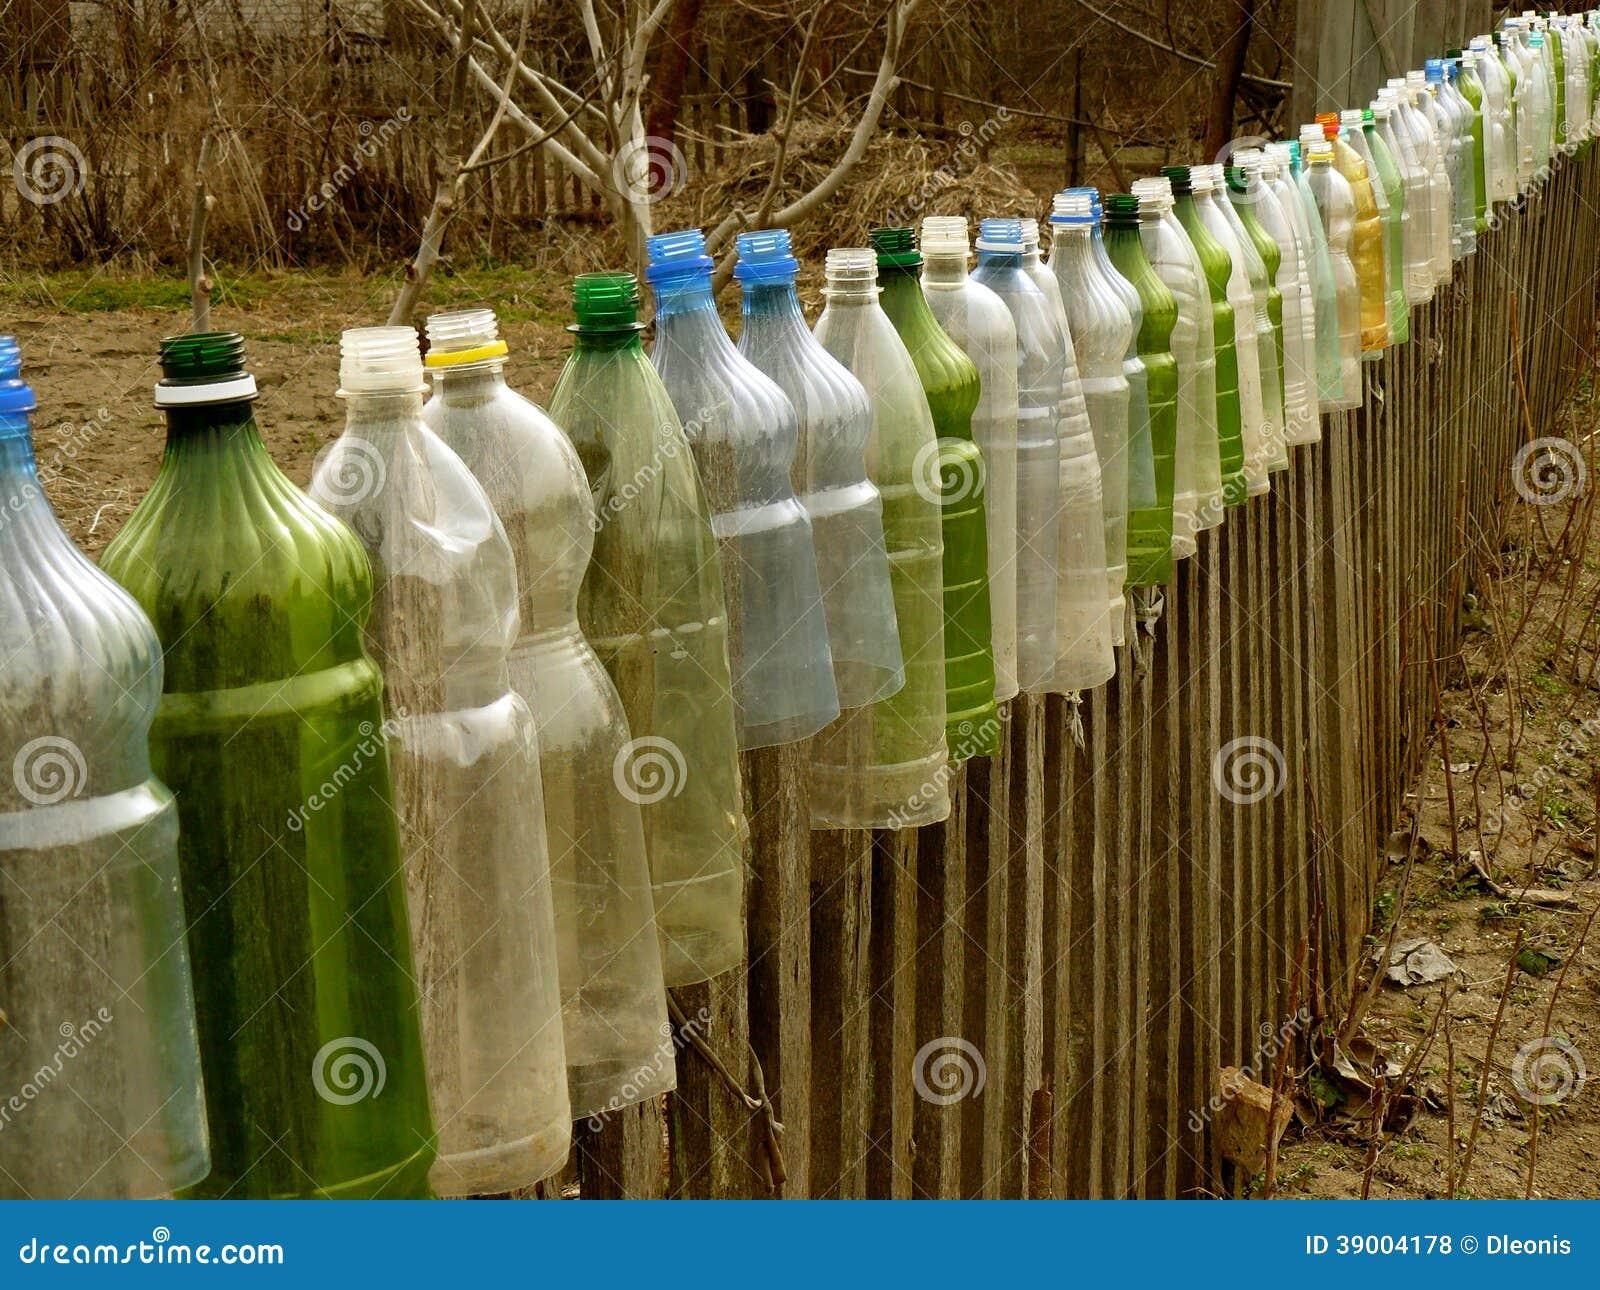 barri re de jardin avec les bouteilles en plastique photo stock image 39004178. Black Bedroom Furniture Sets. Home Design Ideas